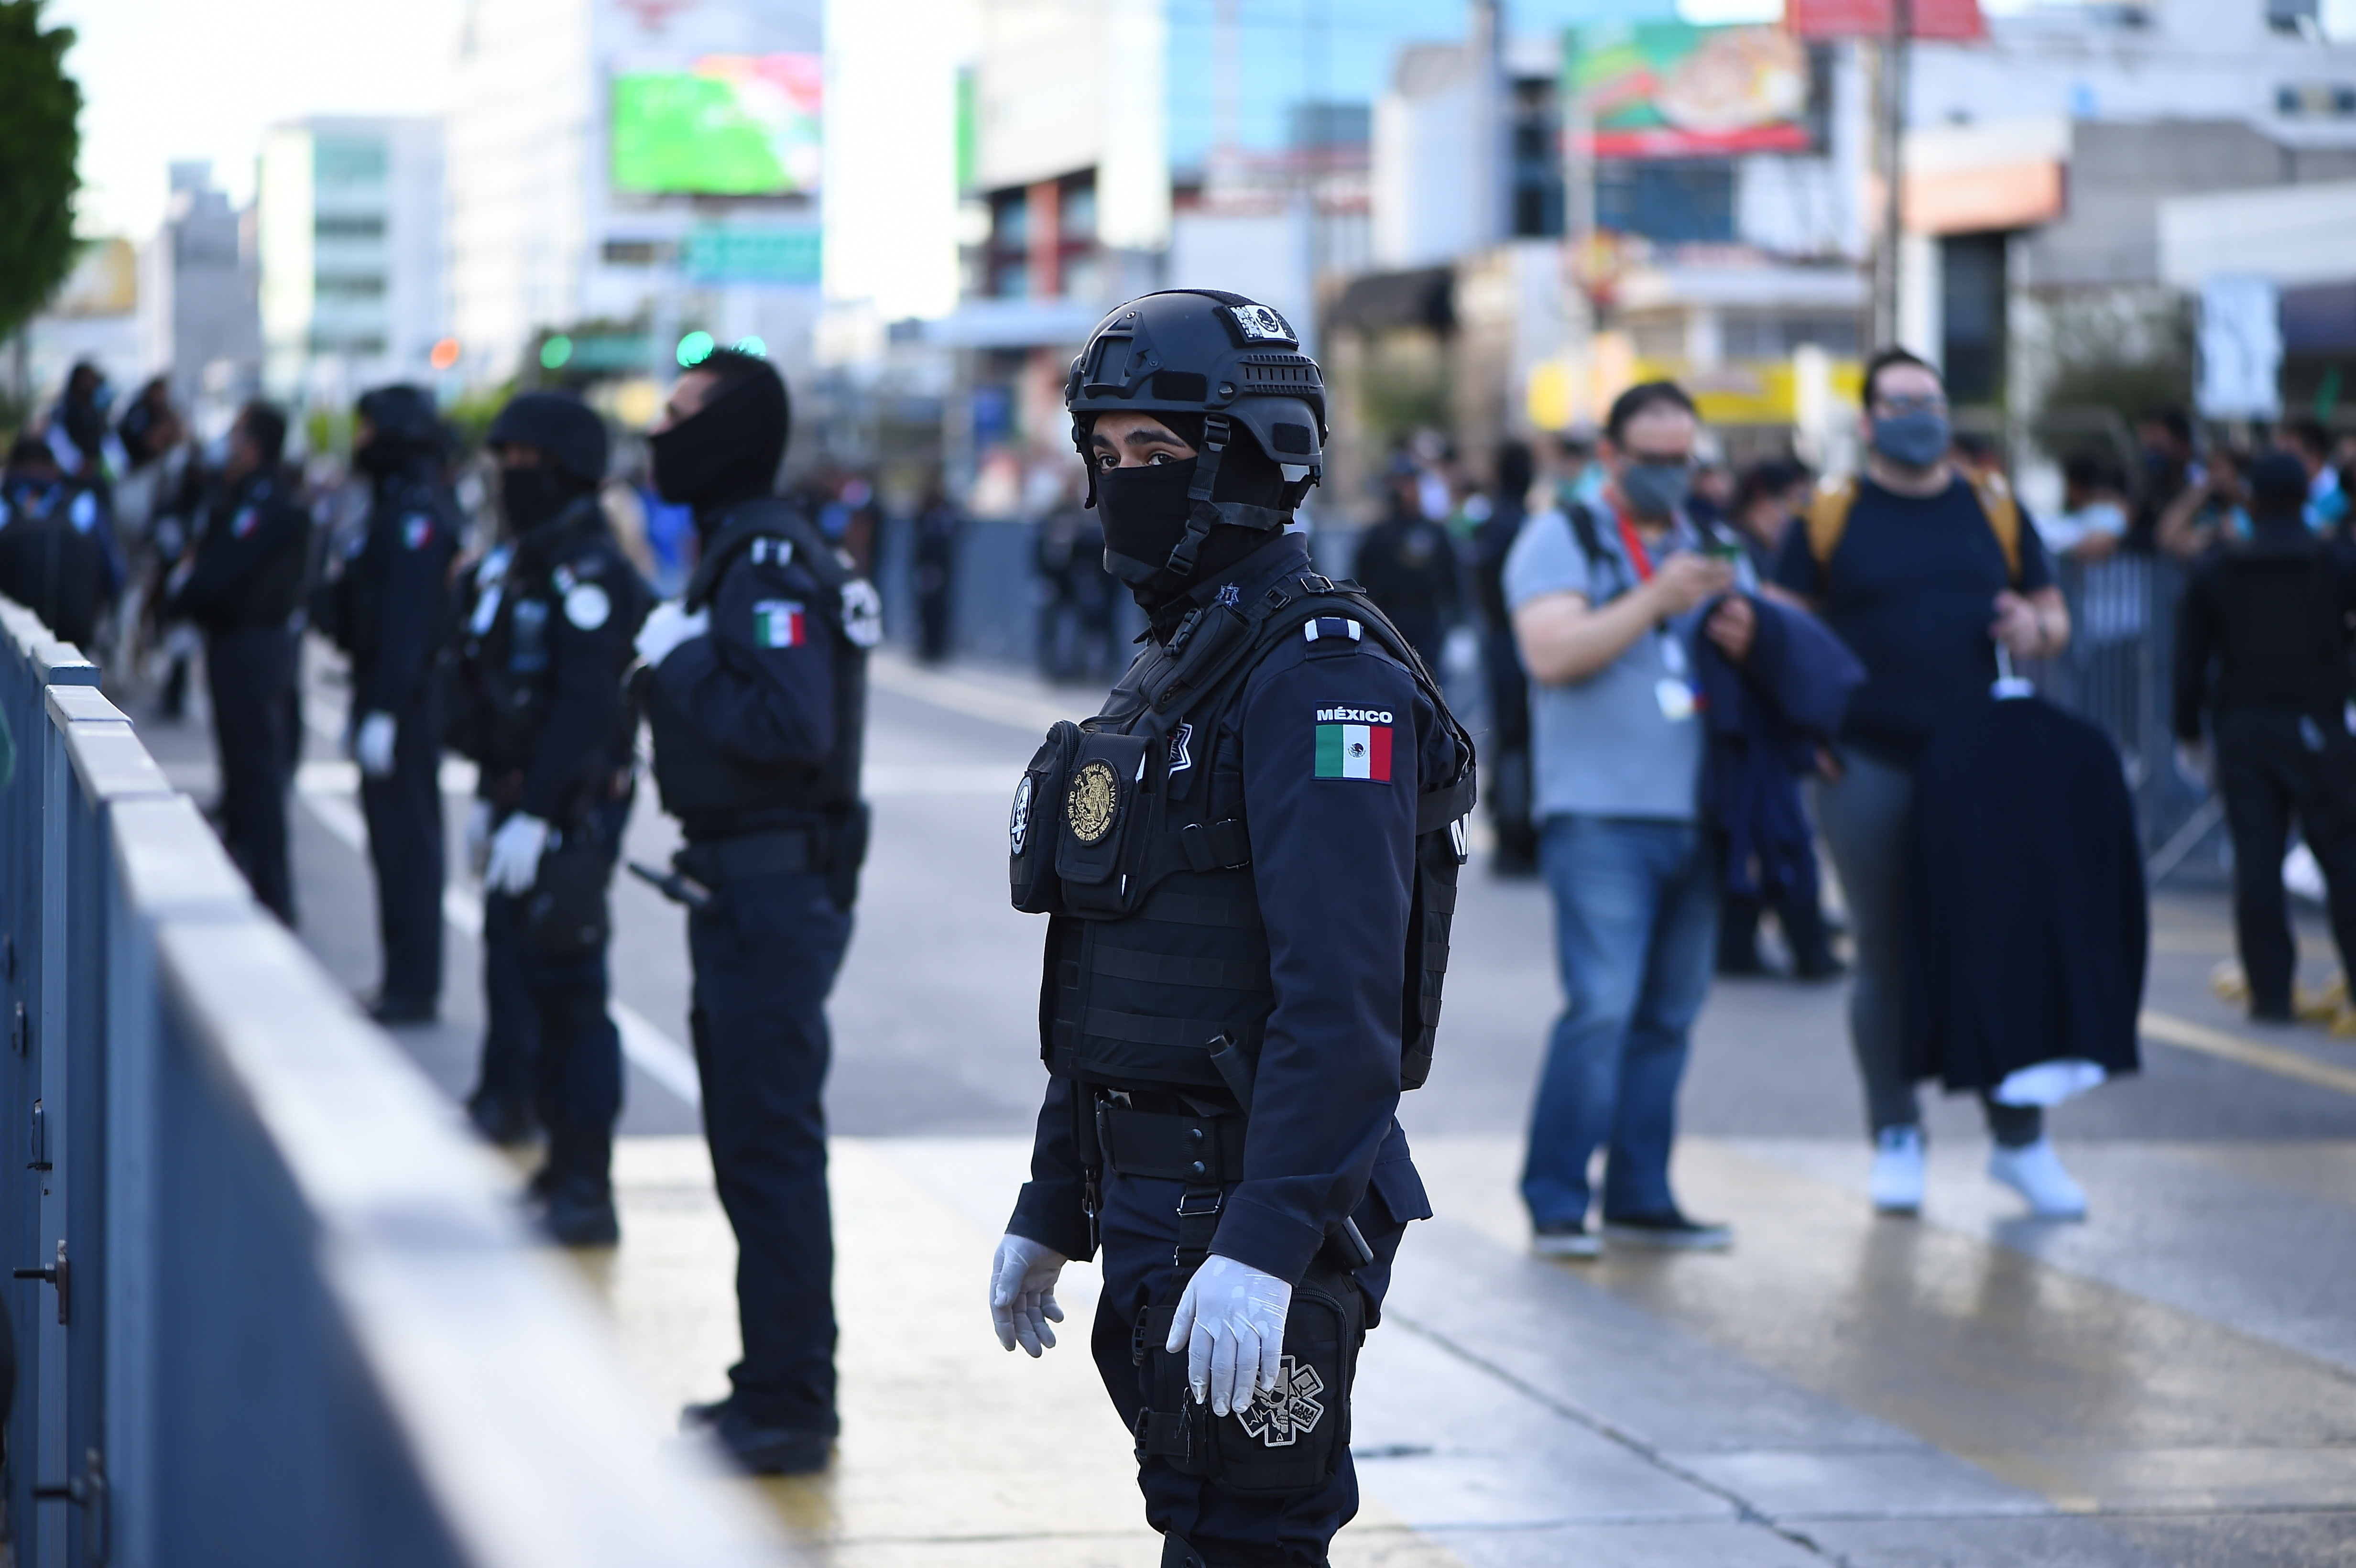 Policías fuera del estadio antes del partido. Estadio León, México. El 13 de diciembre de 2020.